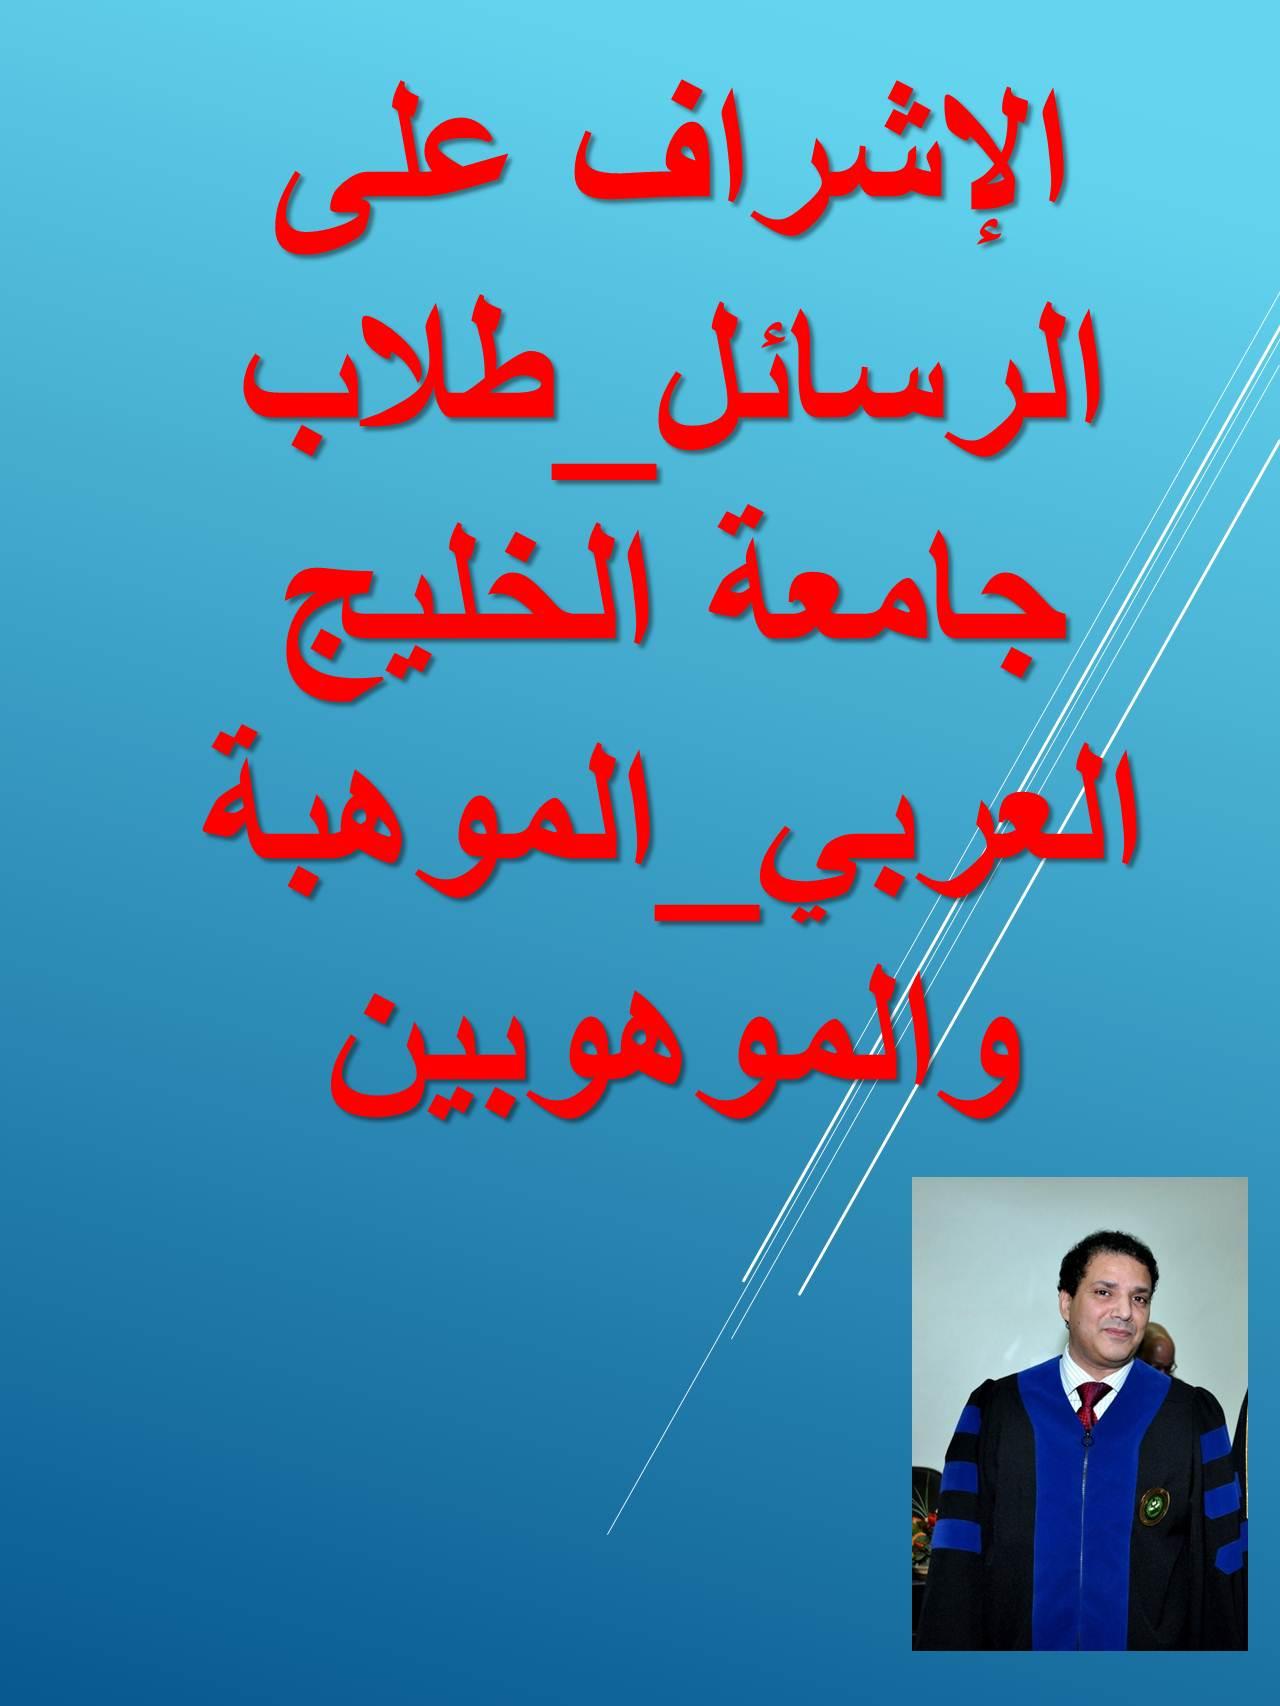 الاشراف_طلاب جامعة الخليج العربي_الموهبة والموهوبين